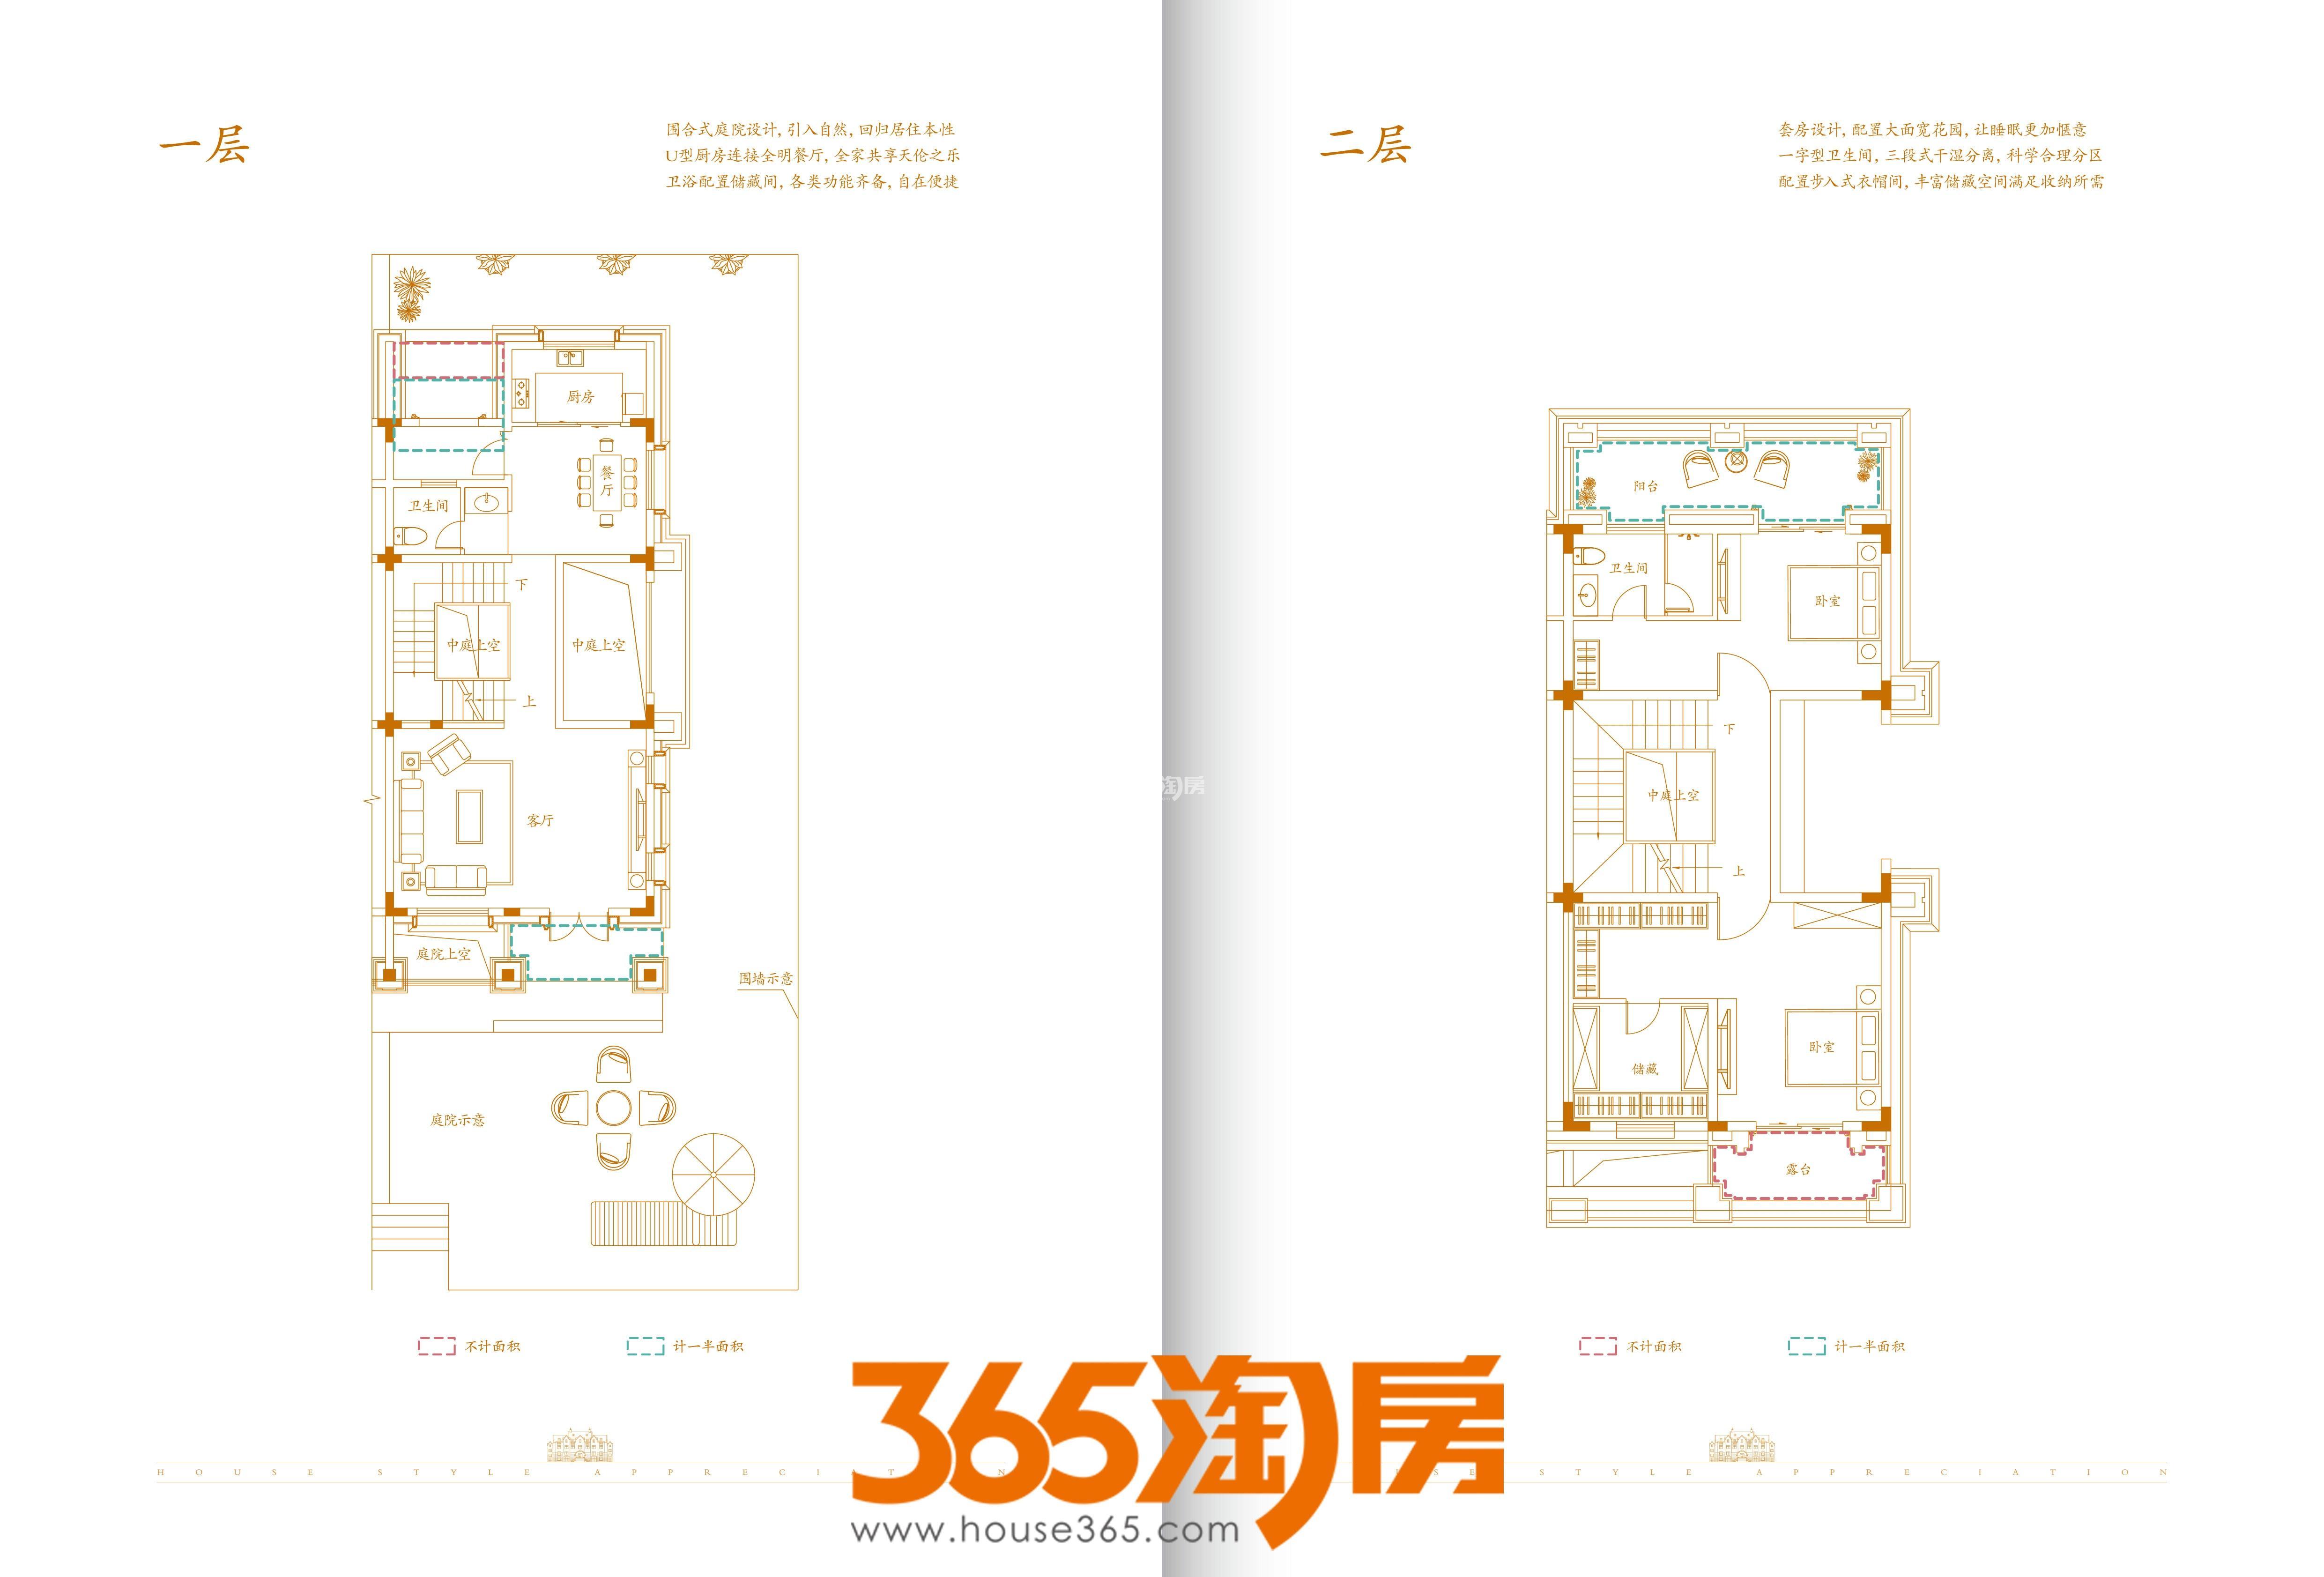 合肥云谷别墅339㎡一层二层户型图